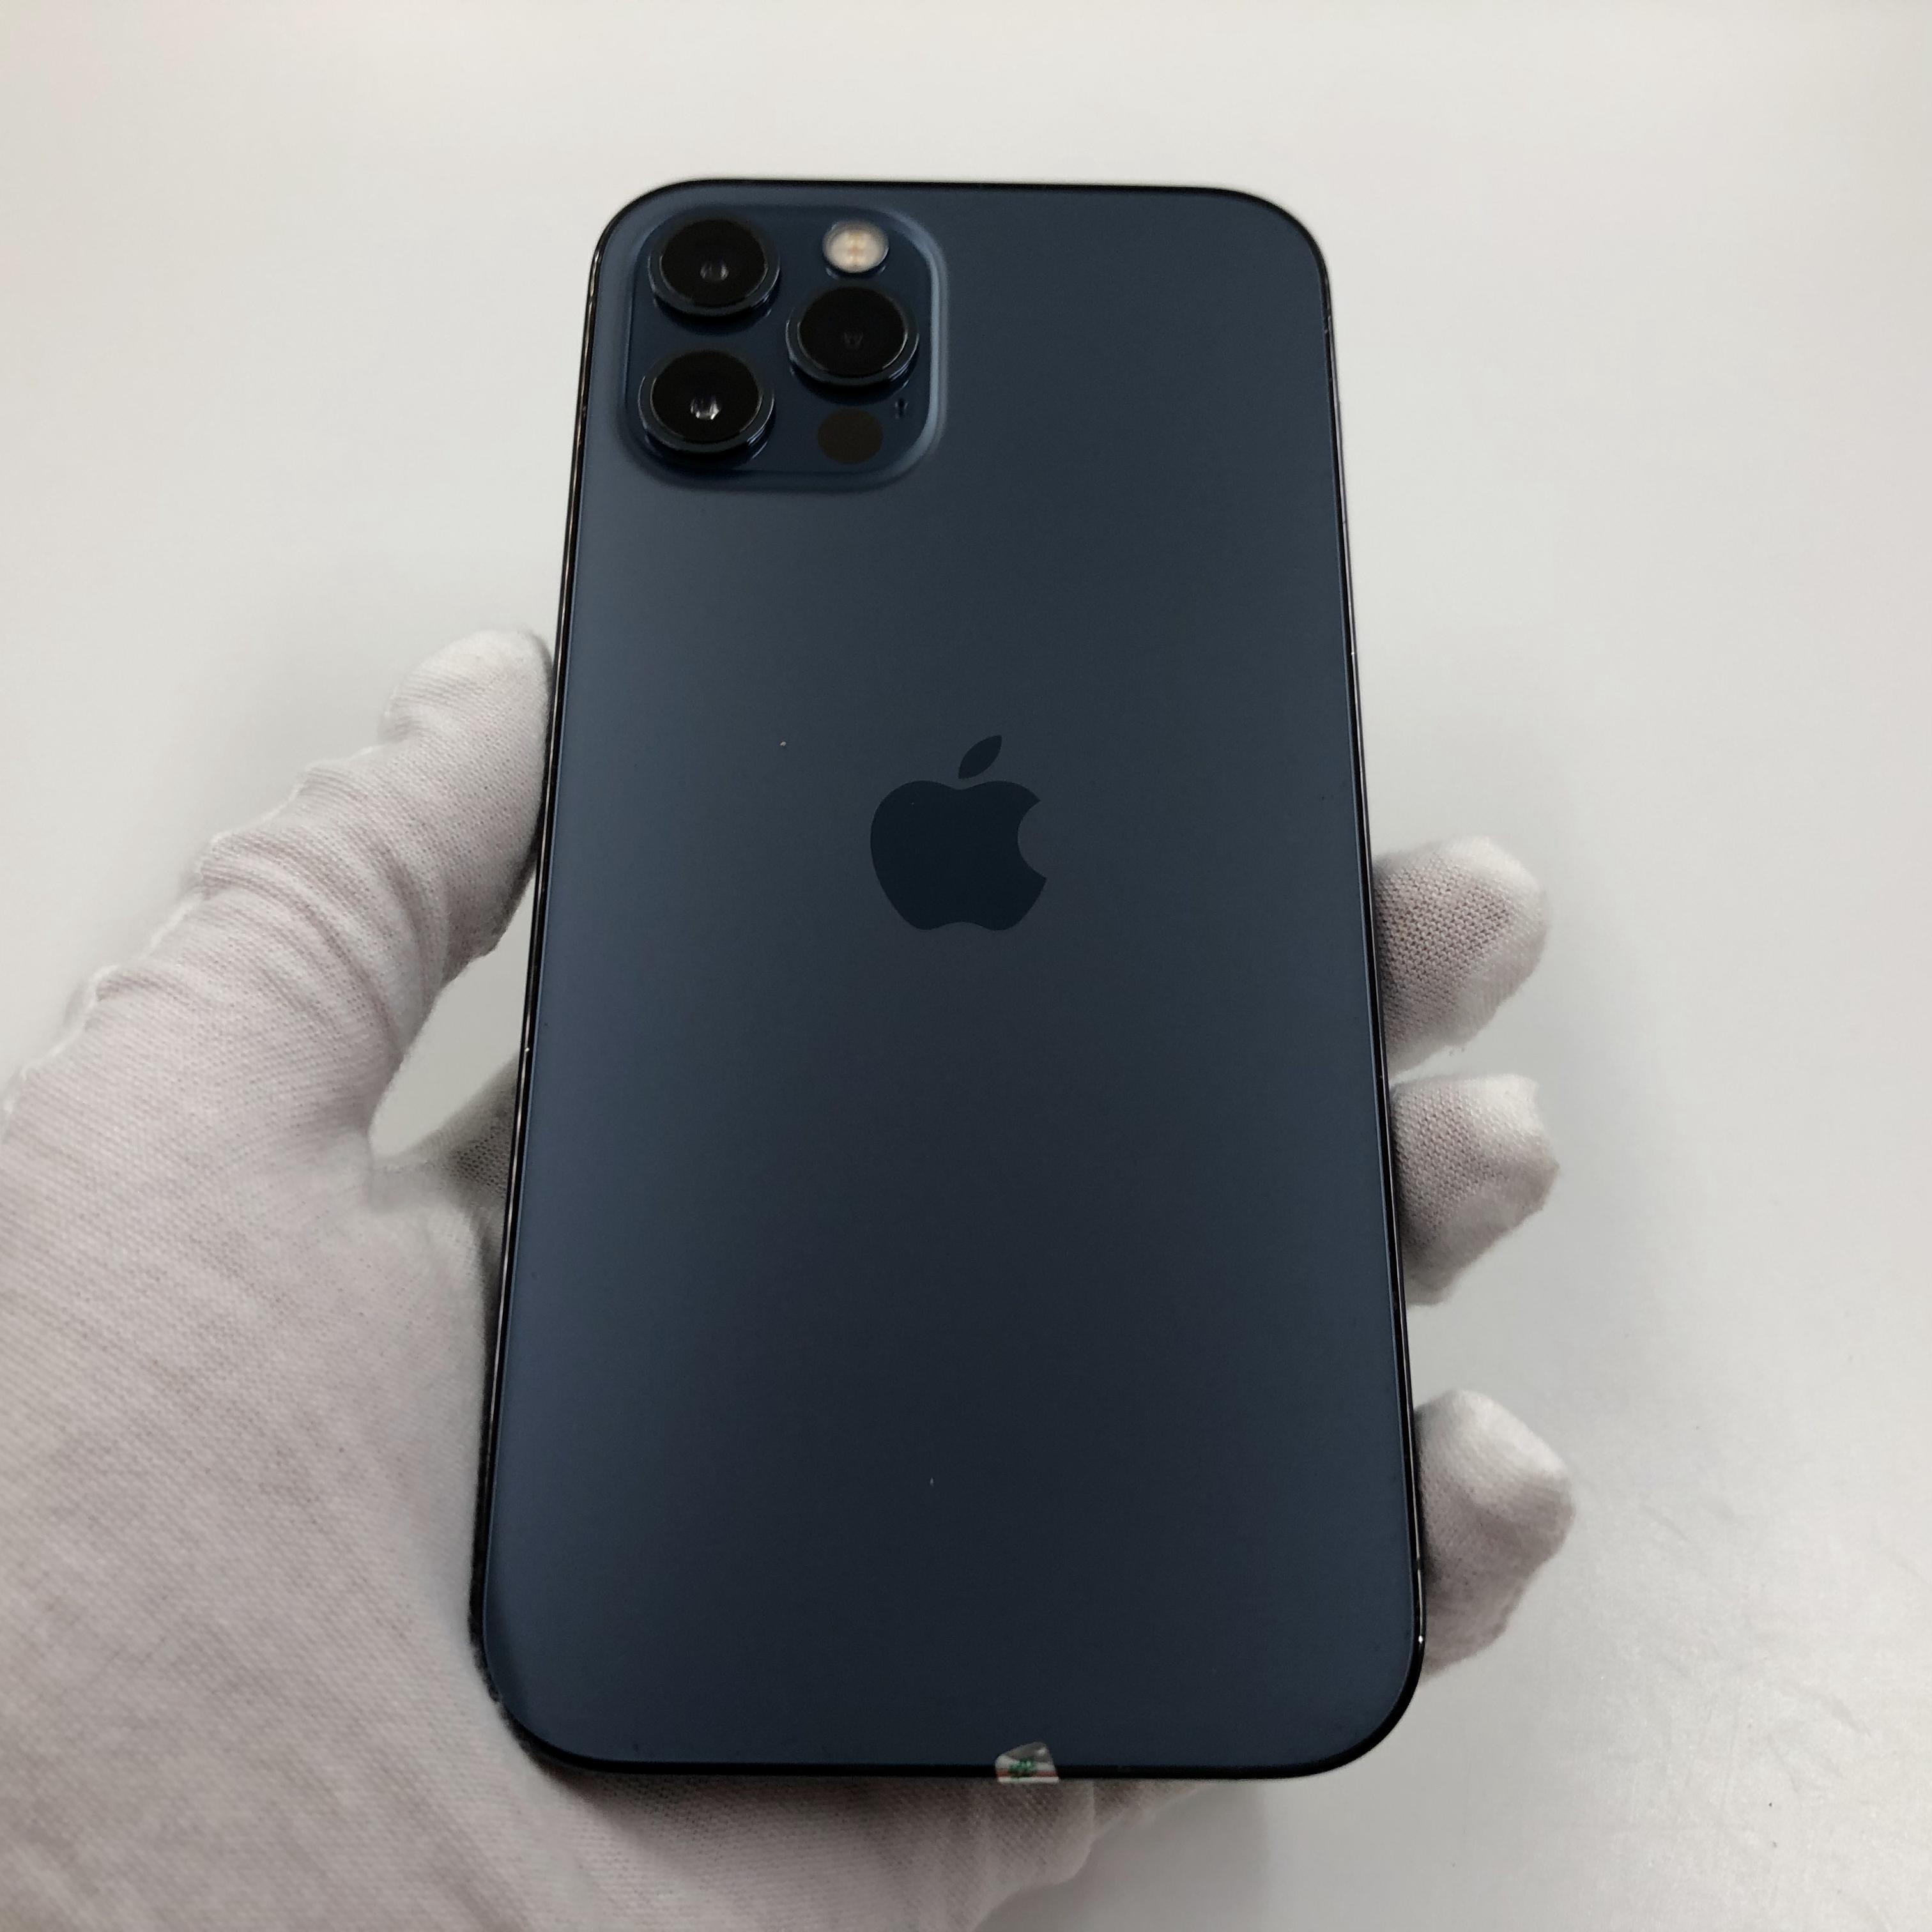 苹果【iPhone 12 Pro】5G全网通 海蓝色 128G 国行 95新 真机实拍官保2021-12-01